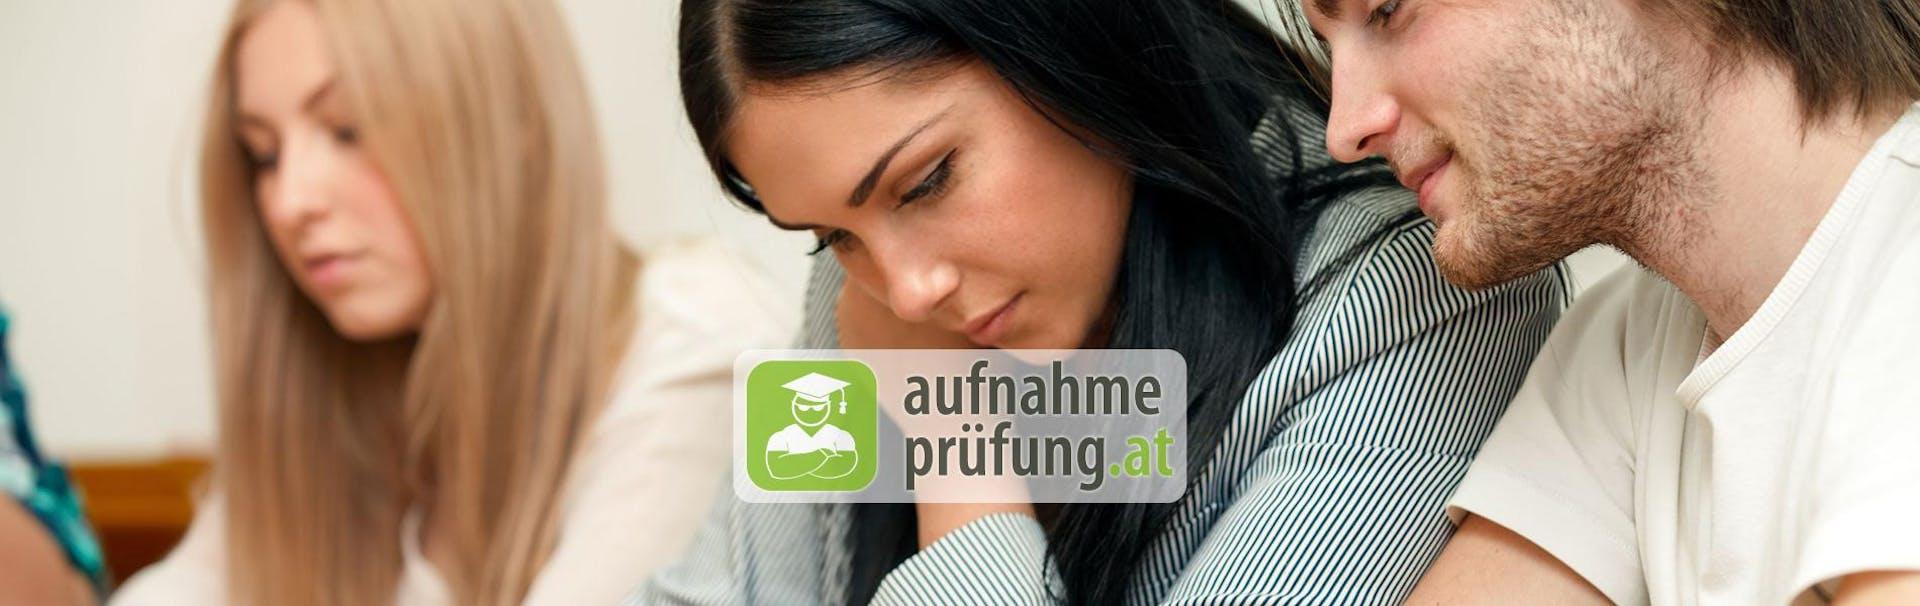 fh frankfurt soziale arbeit online bewerbung